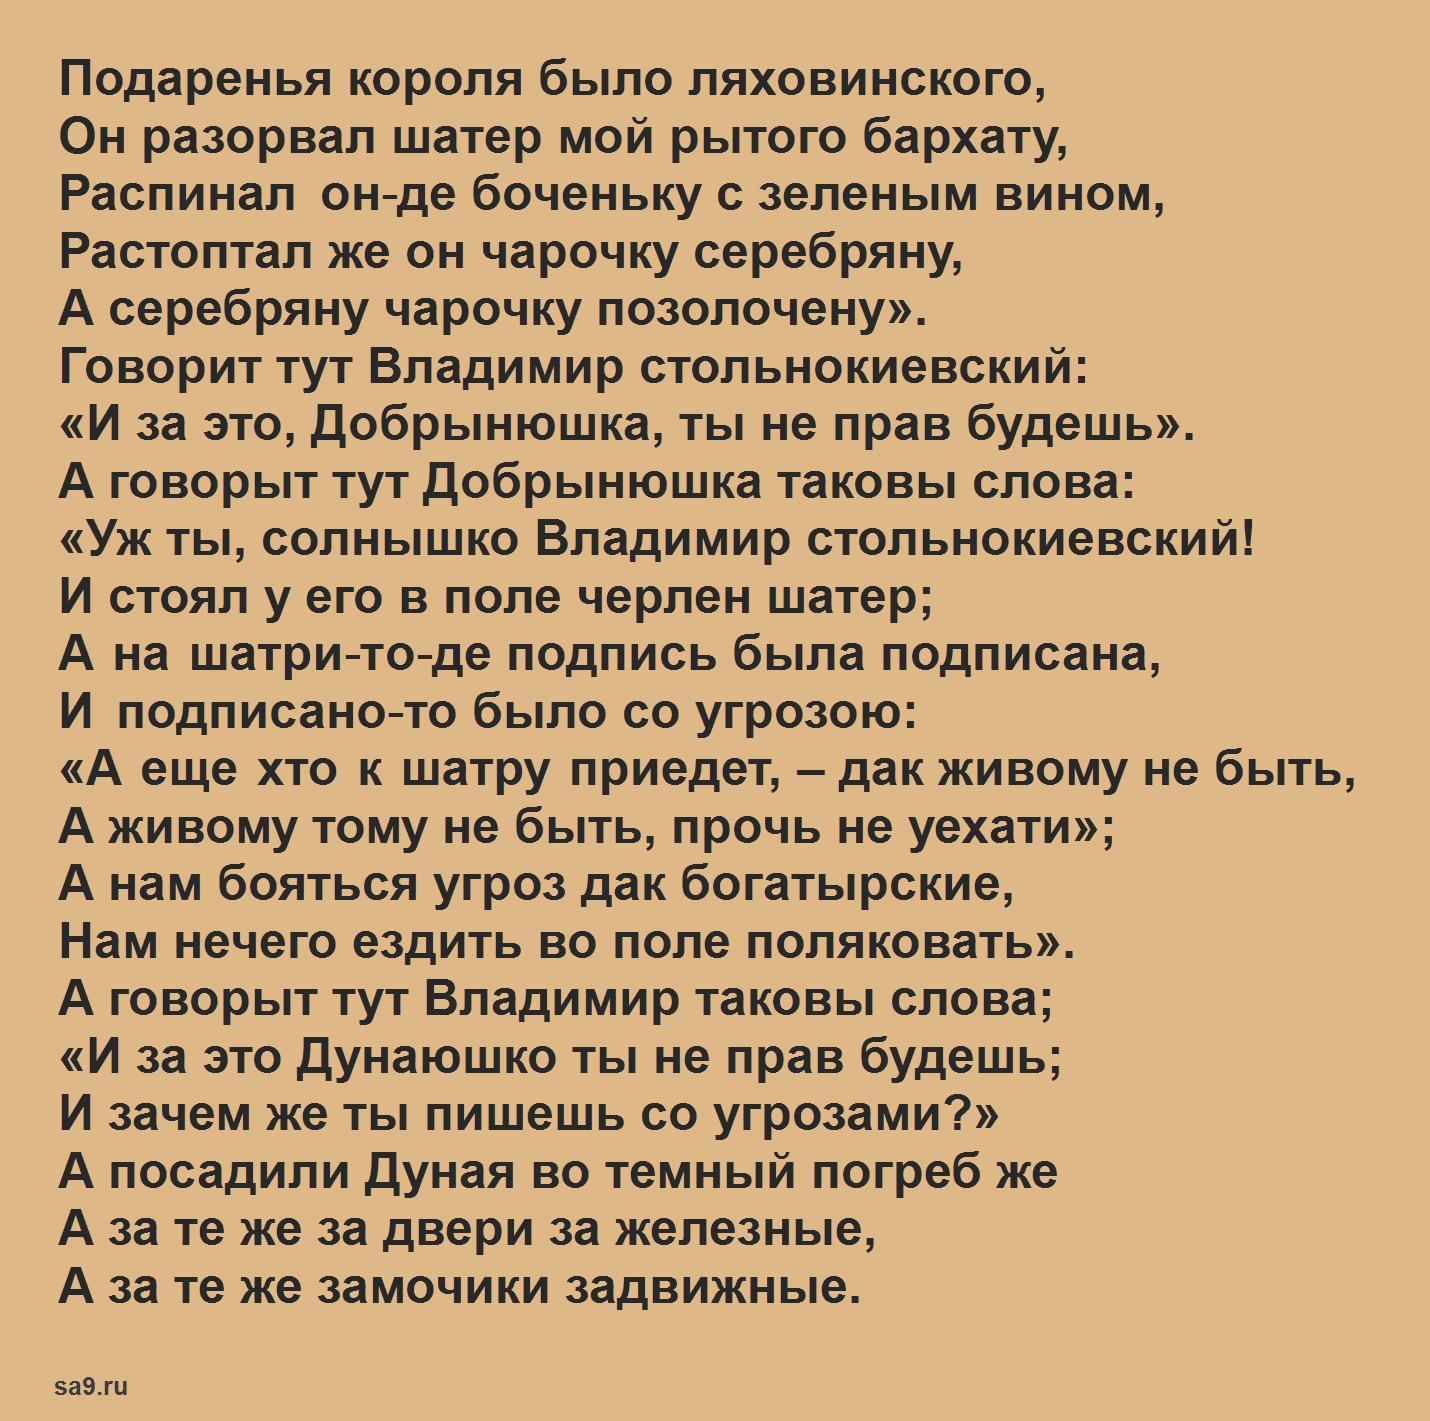 Читать былину - Бой Дуная и Добрыни, полностью